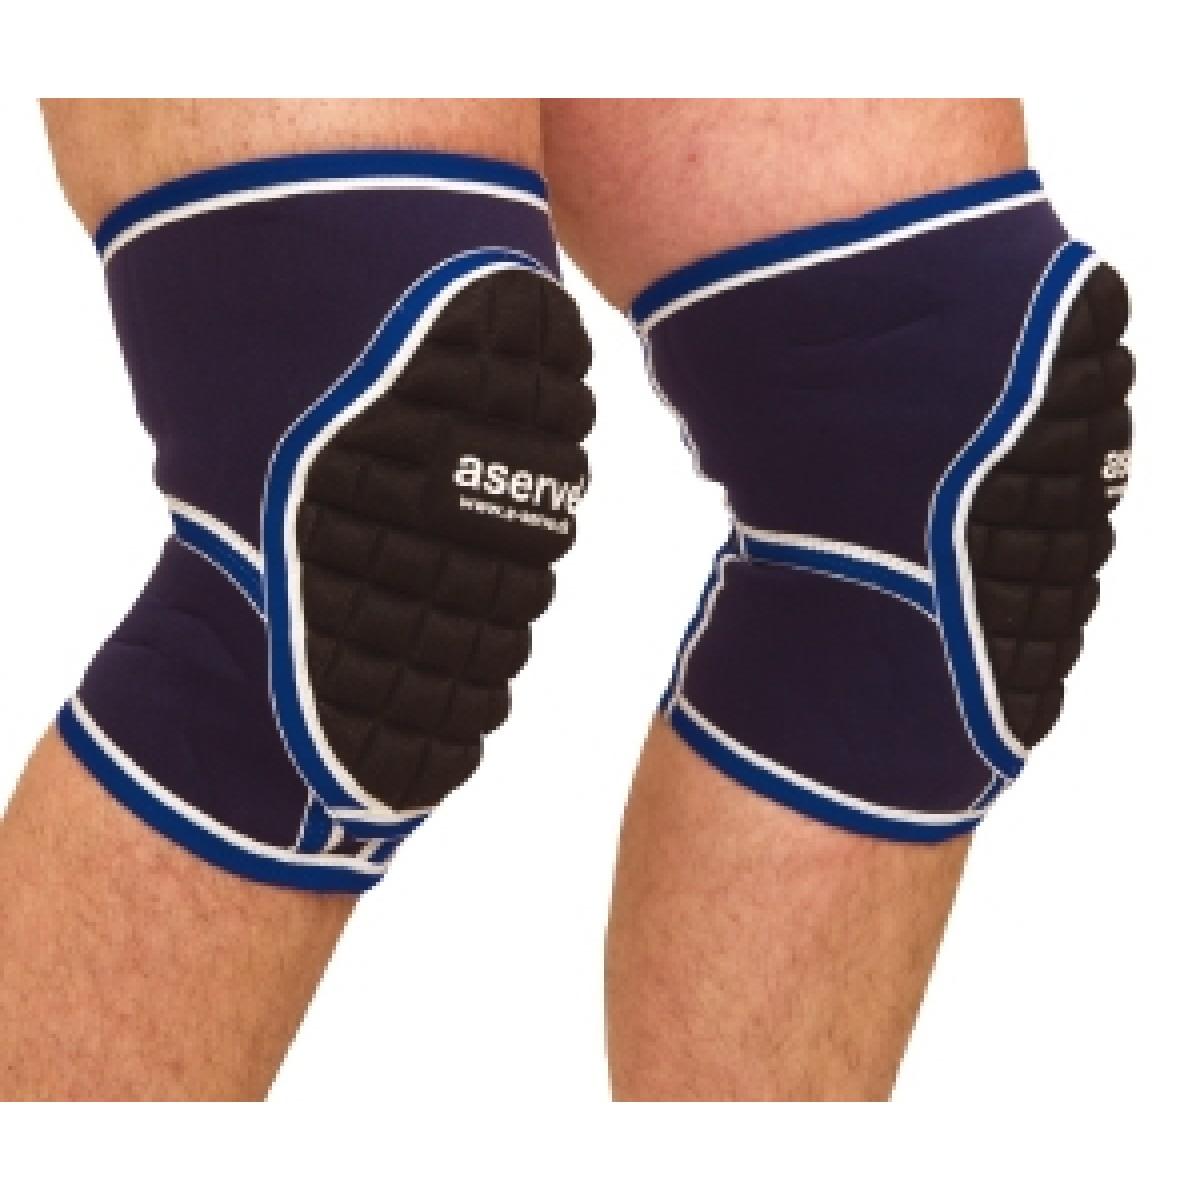 Aserve knæbeskytter med pude